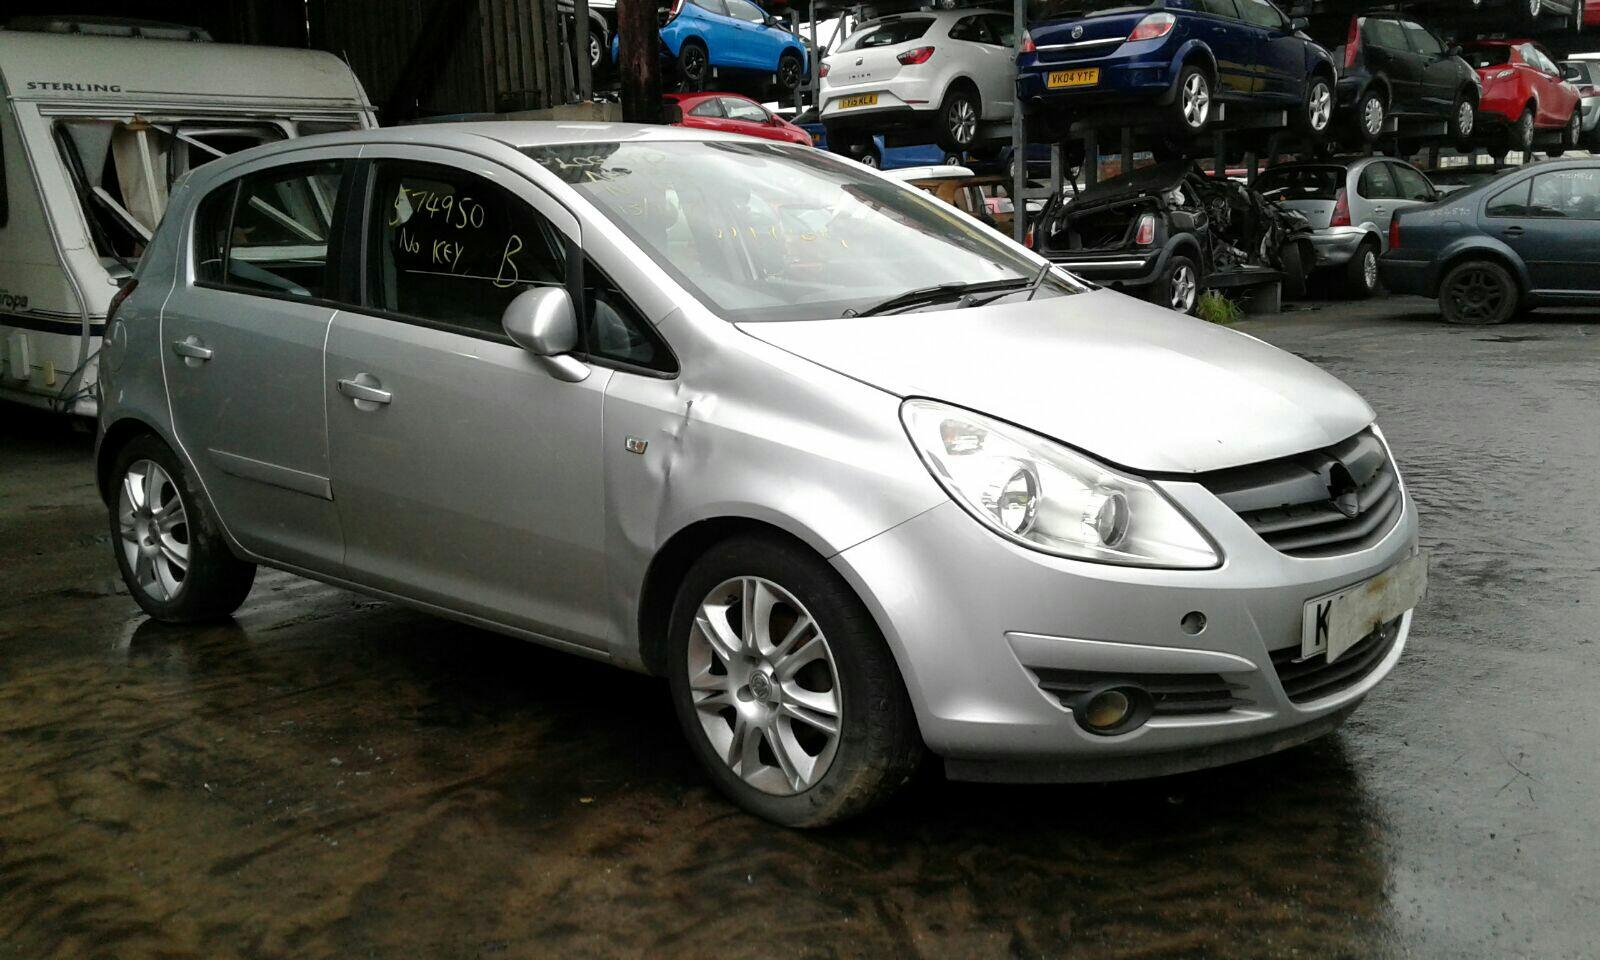 Vauxhall Corsa 2007 To 2011 5 Door Hatchback & 2007 Vauxhall Corsa 2007 To 2011 5 Door Hatchback (Petrol / Manual ...